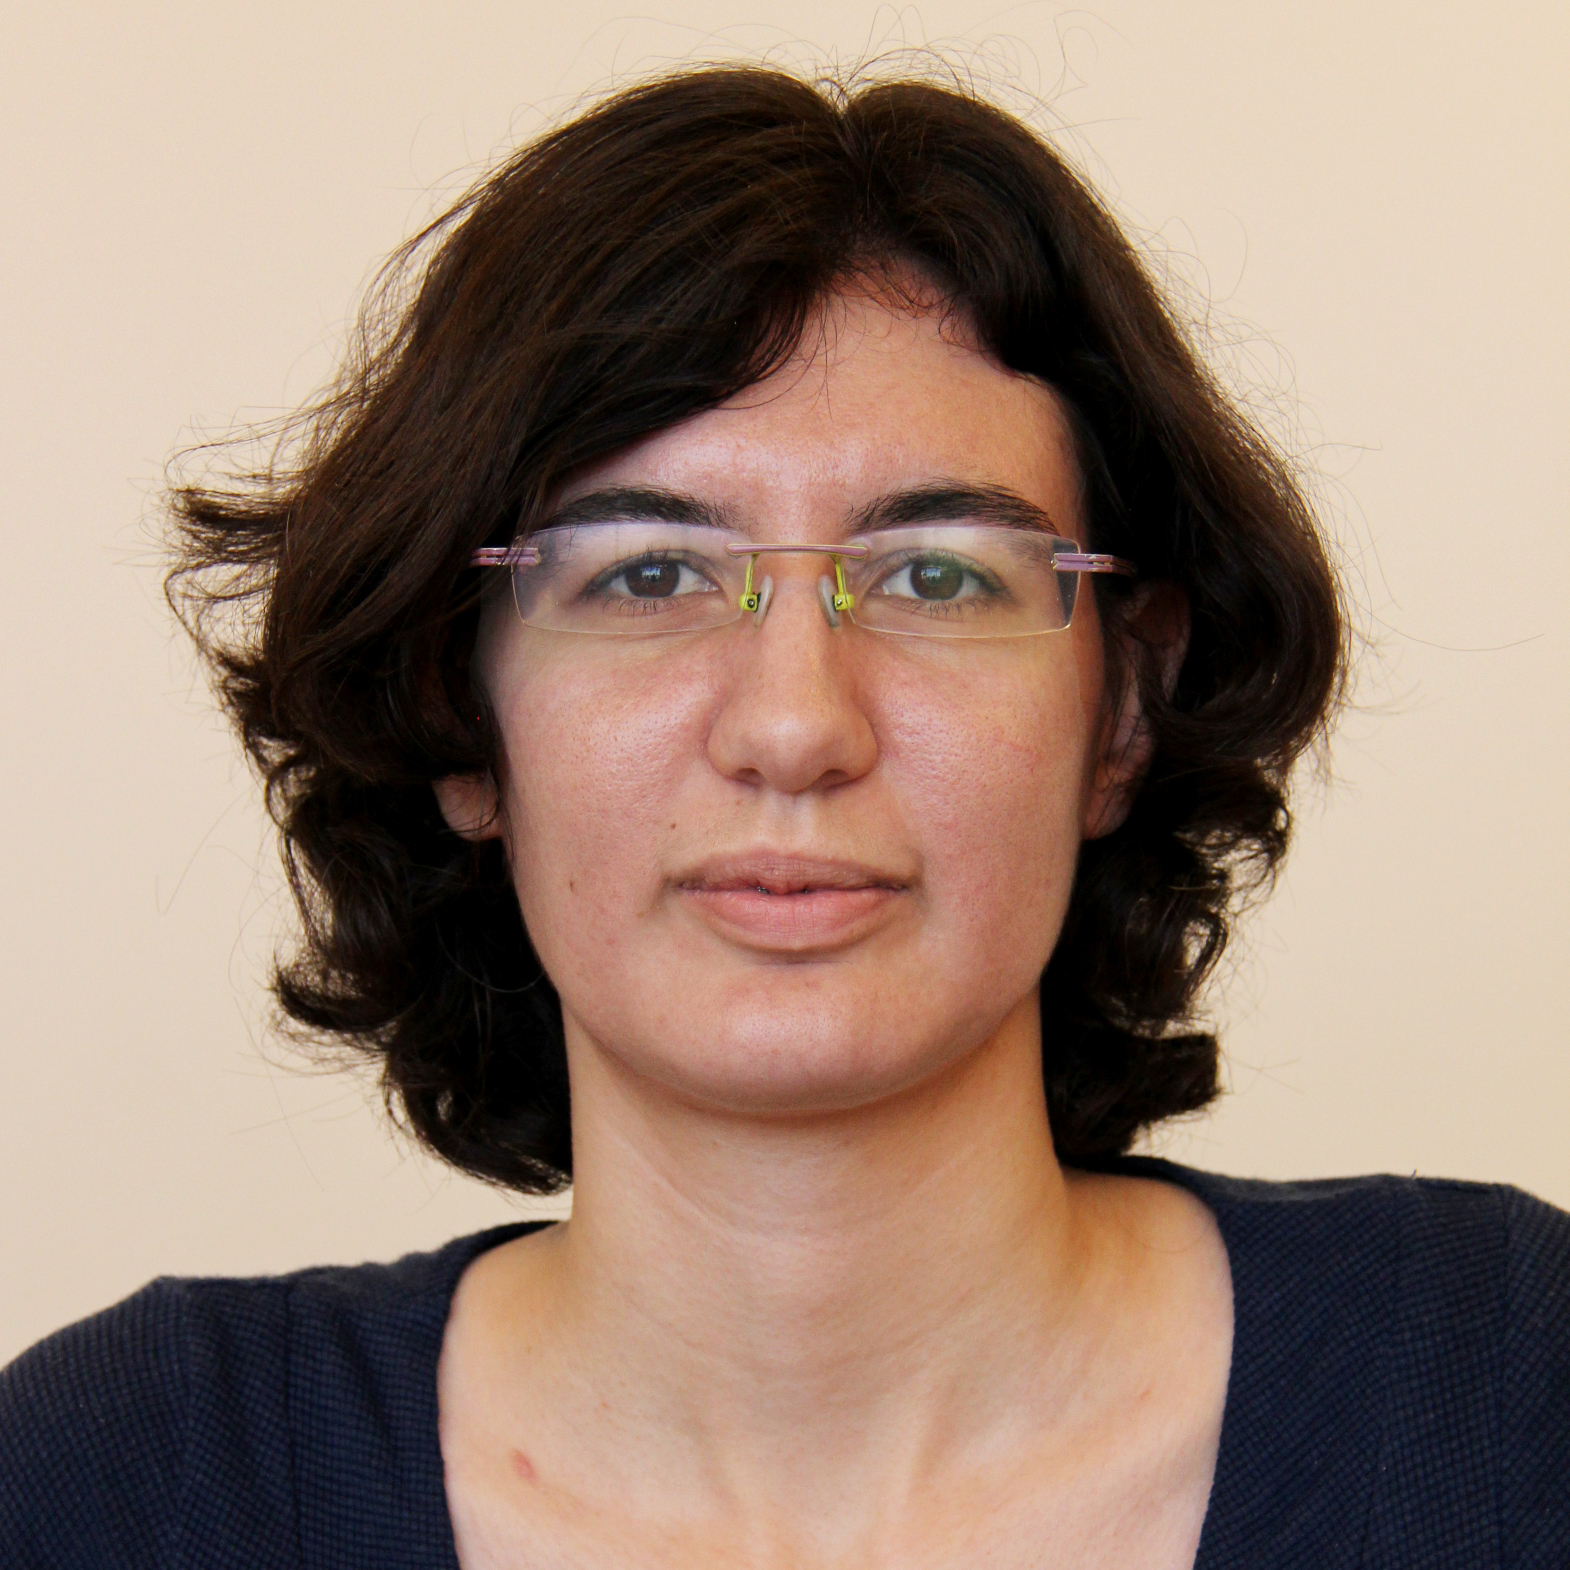 יאנה פולינוב